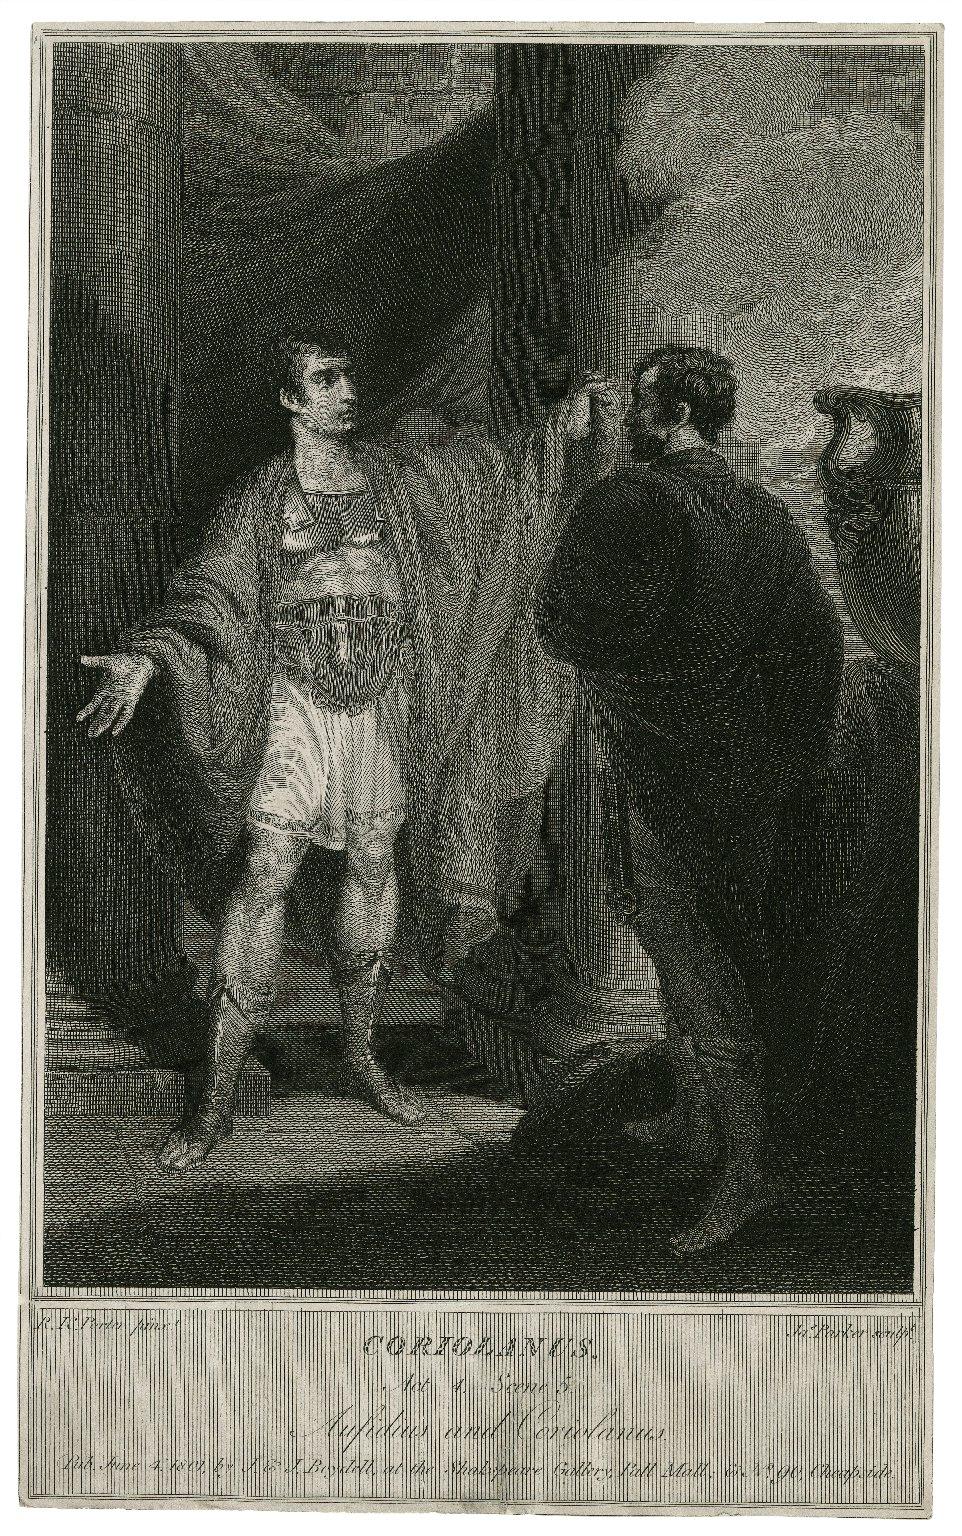 Coriolanus, act 4, scene 5, Aufidius and Coriolanus [graphic] / R.K. Porter pinxt. ; Jas Parker sculpt.